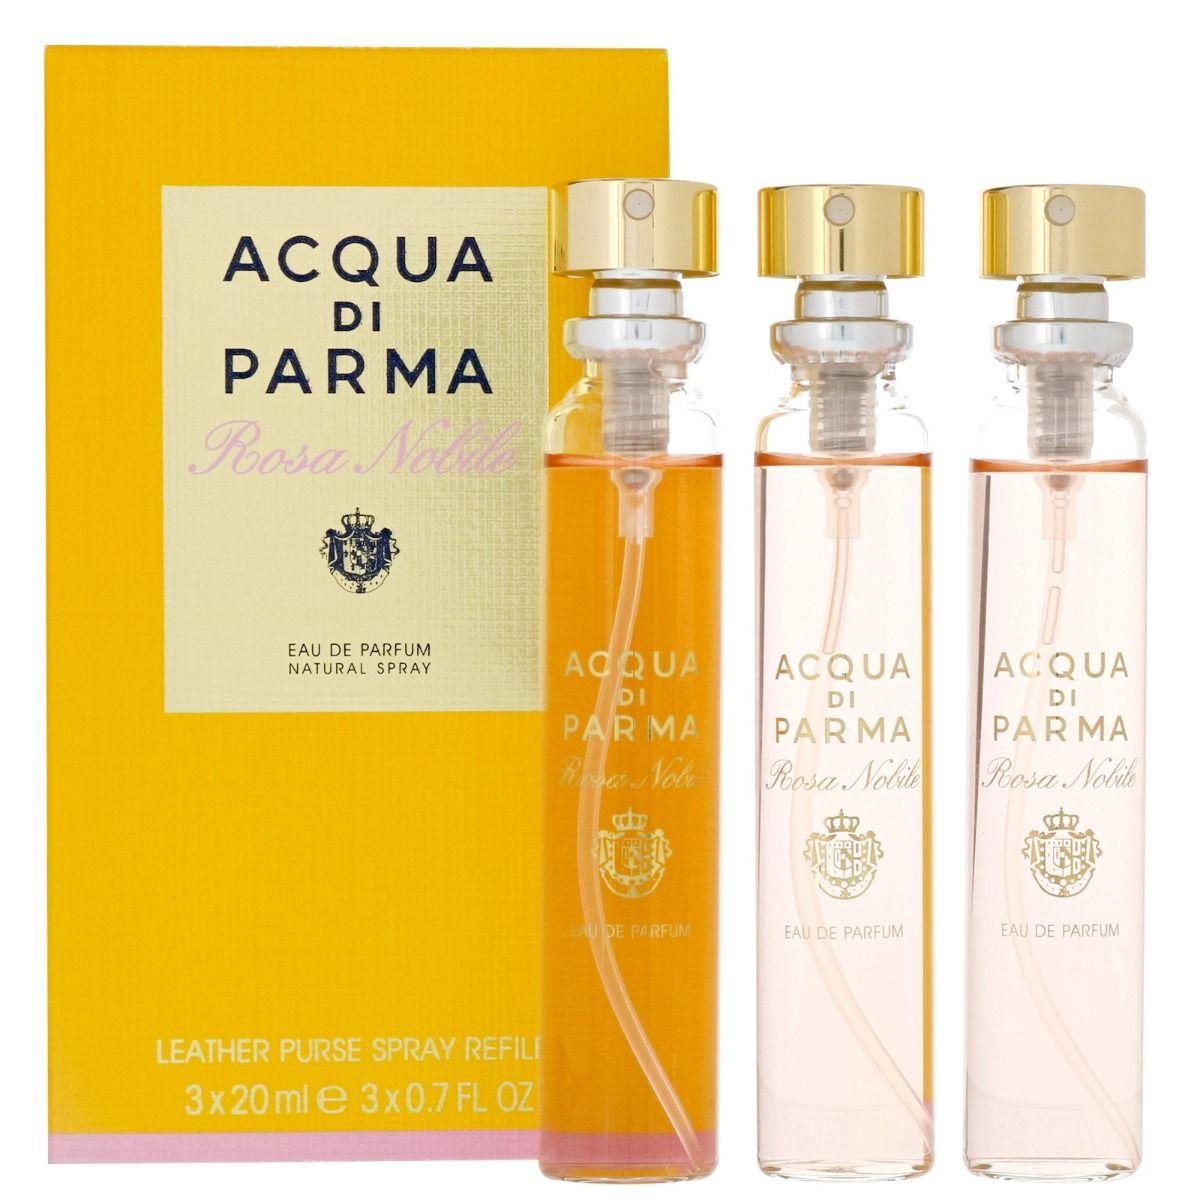 Acqua Di Parma Rosa Nobile Leather Purse Spray Refill 3 x 20ml